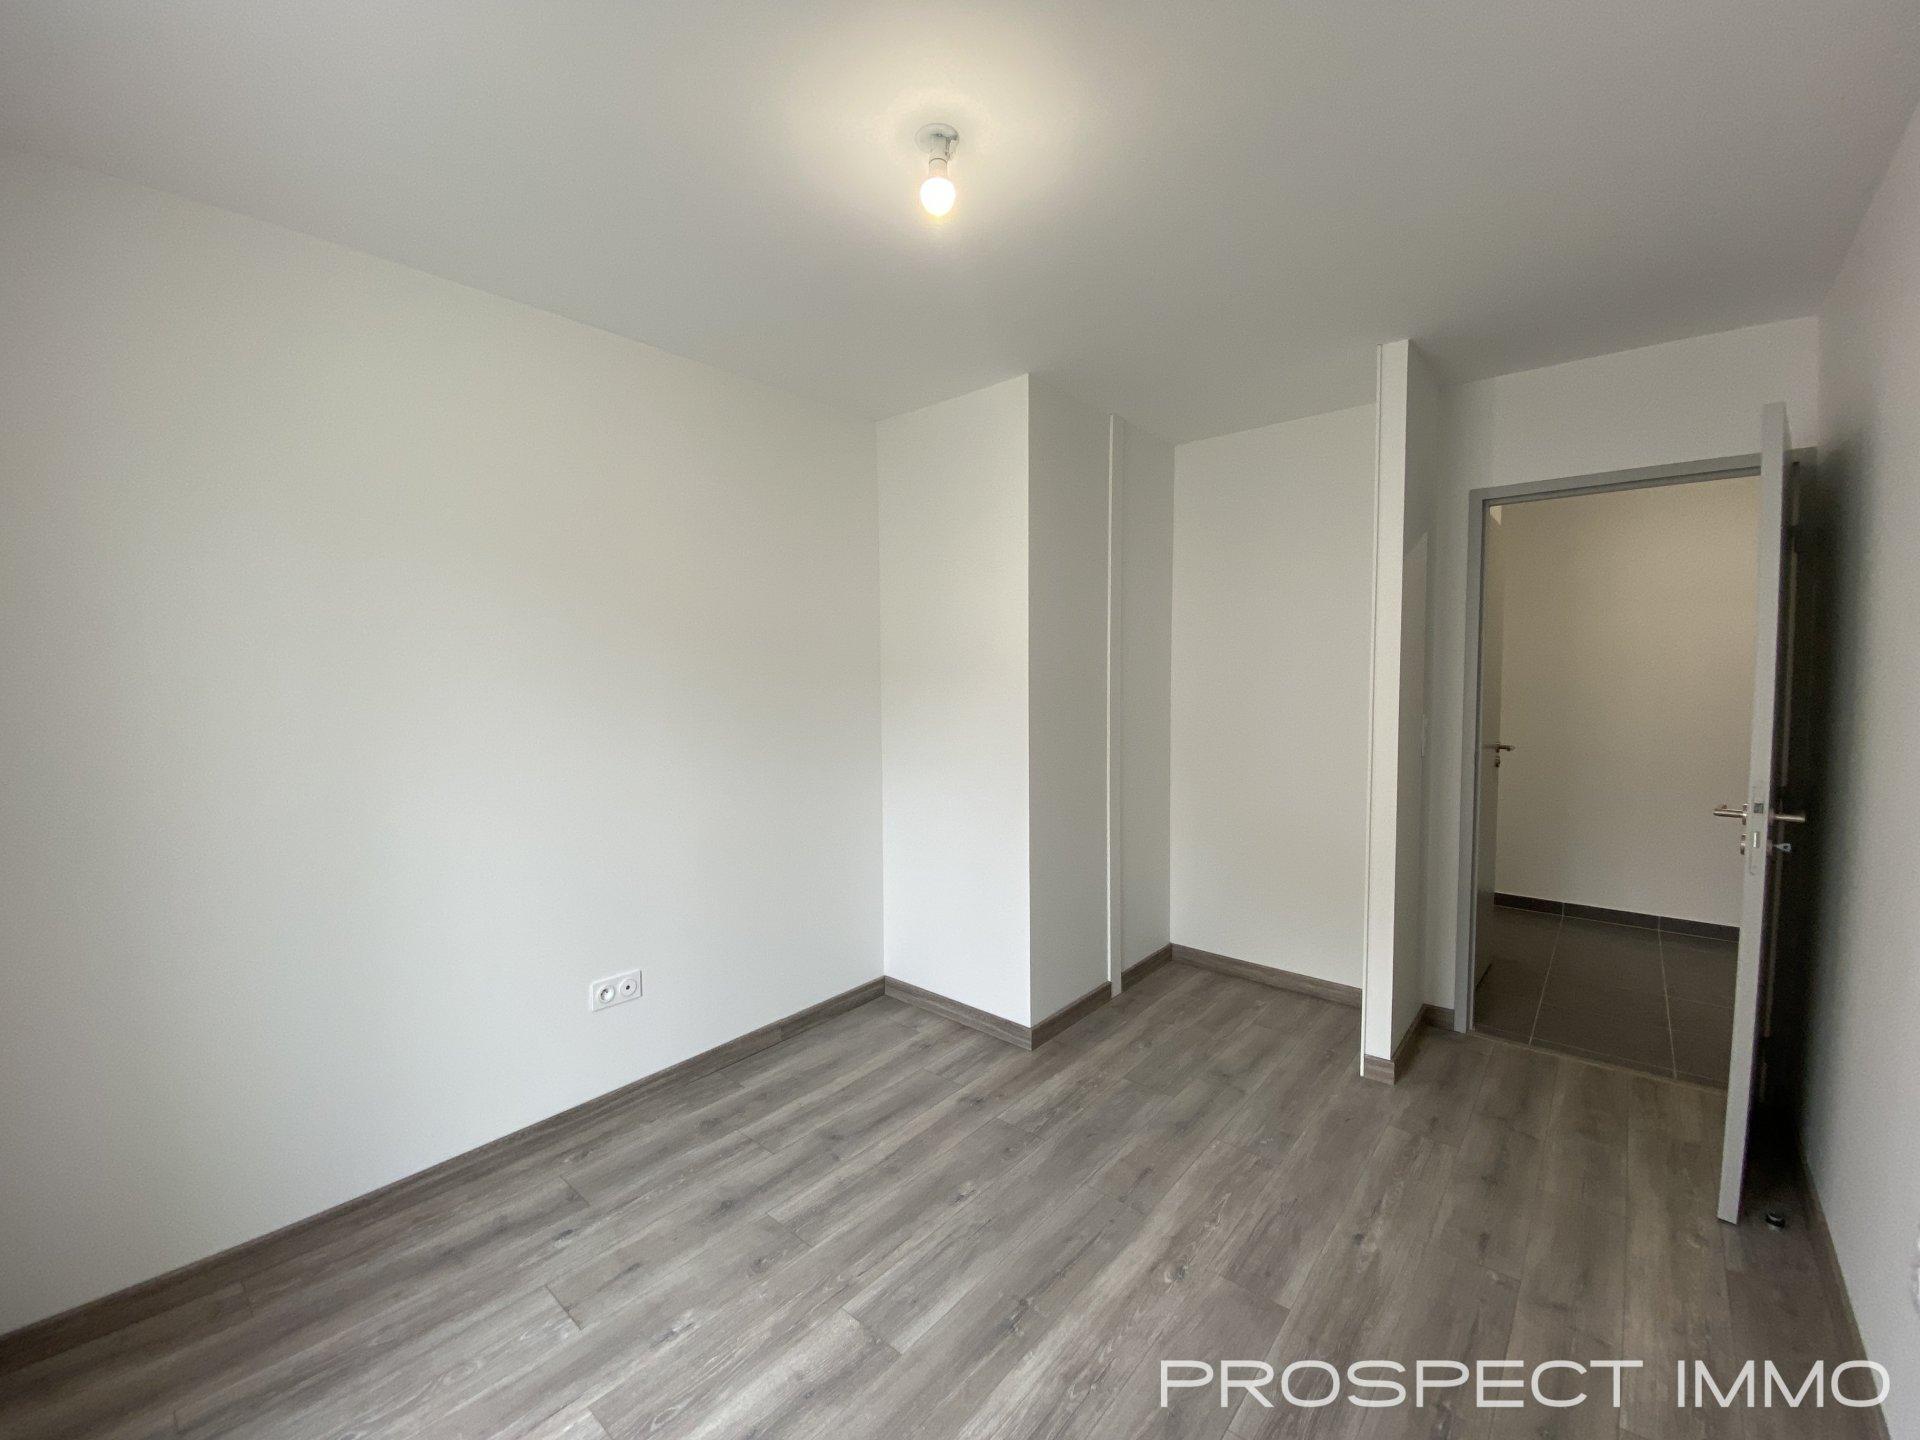 Appartement neuf de type 3 garage + cave